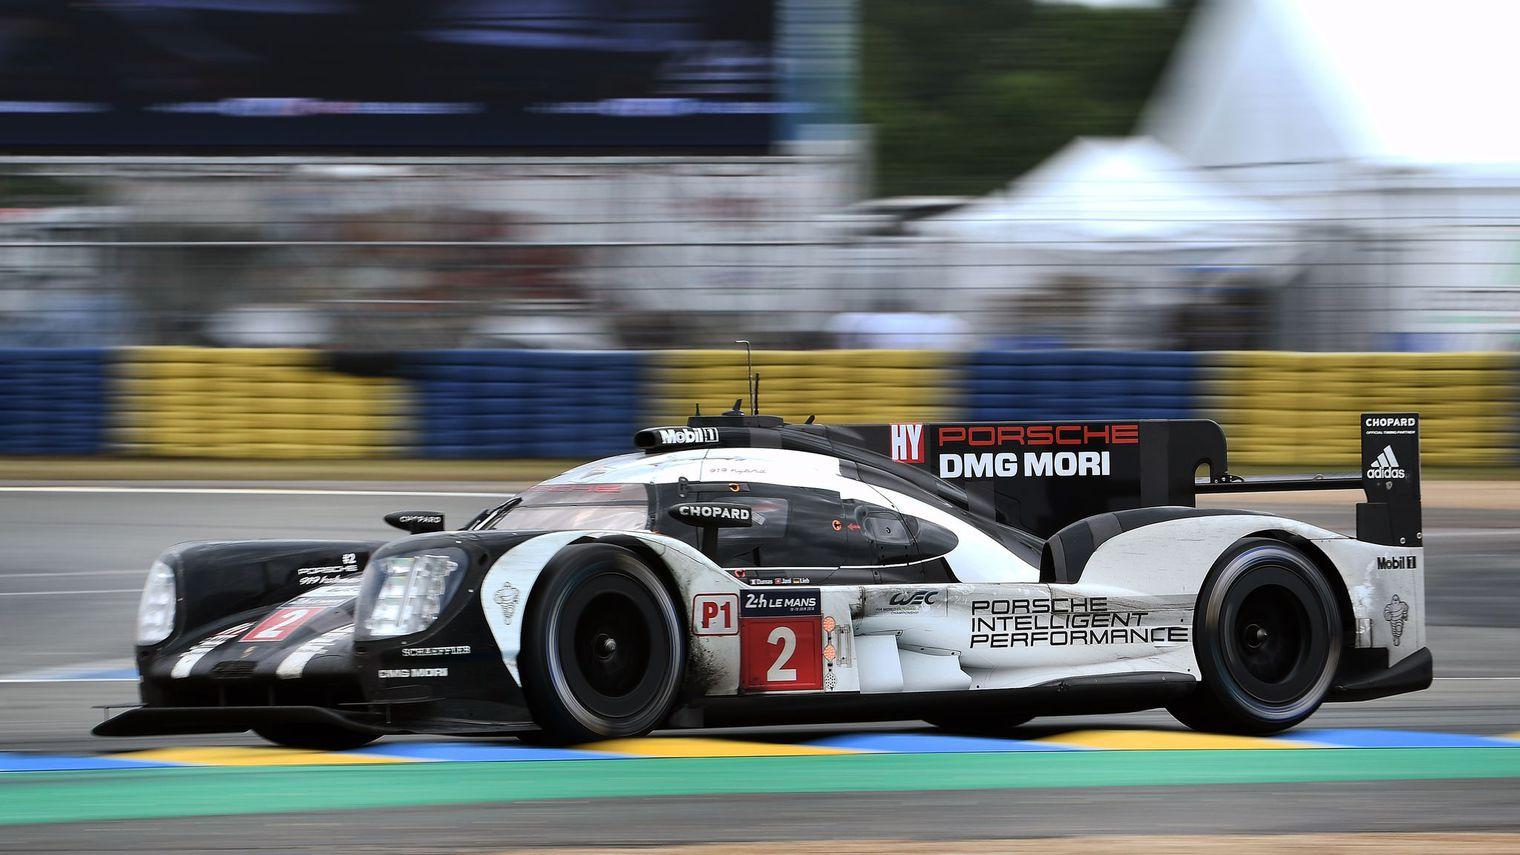 Resultat 24 Heures Du Mans 2016 : retour sur les 24 heures du mans 2016 ~ Maxctalentgroup.com Avis de Voitures